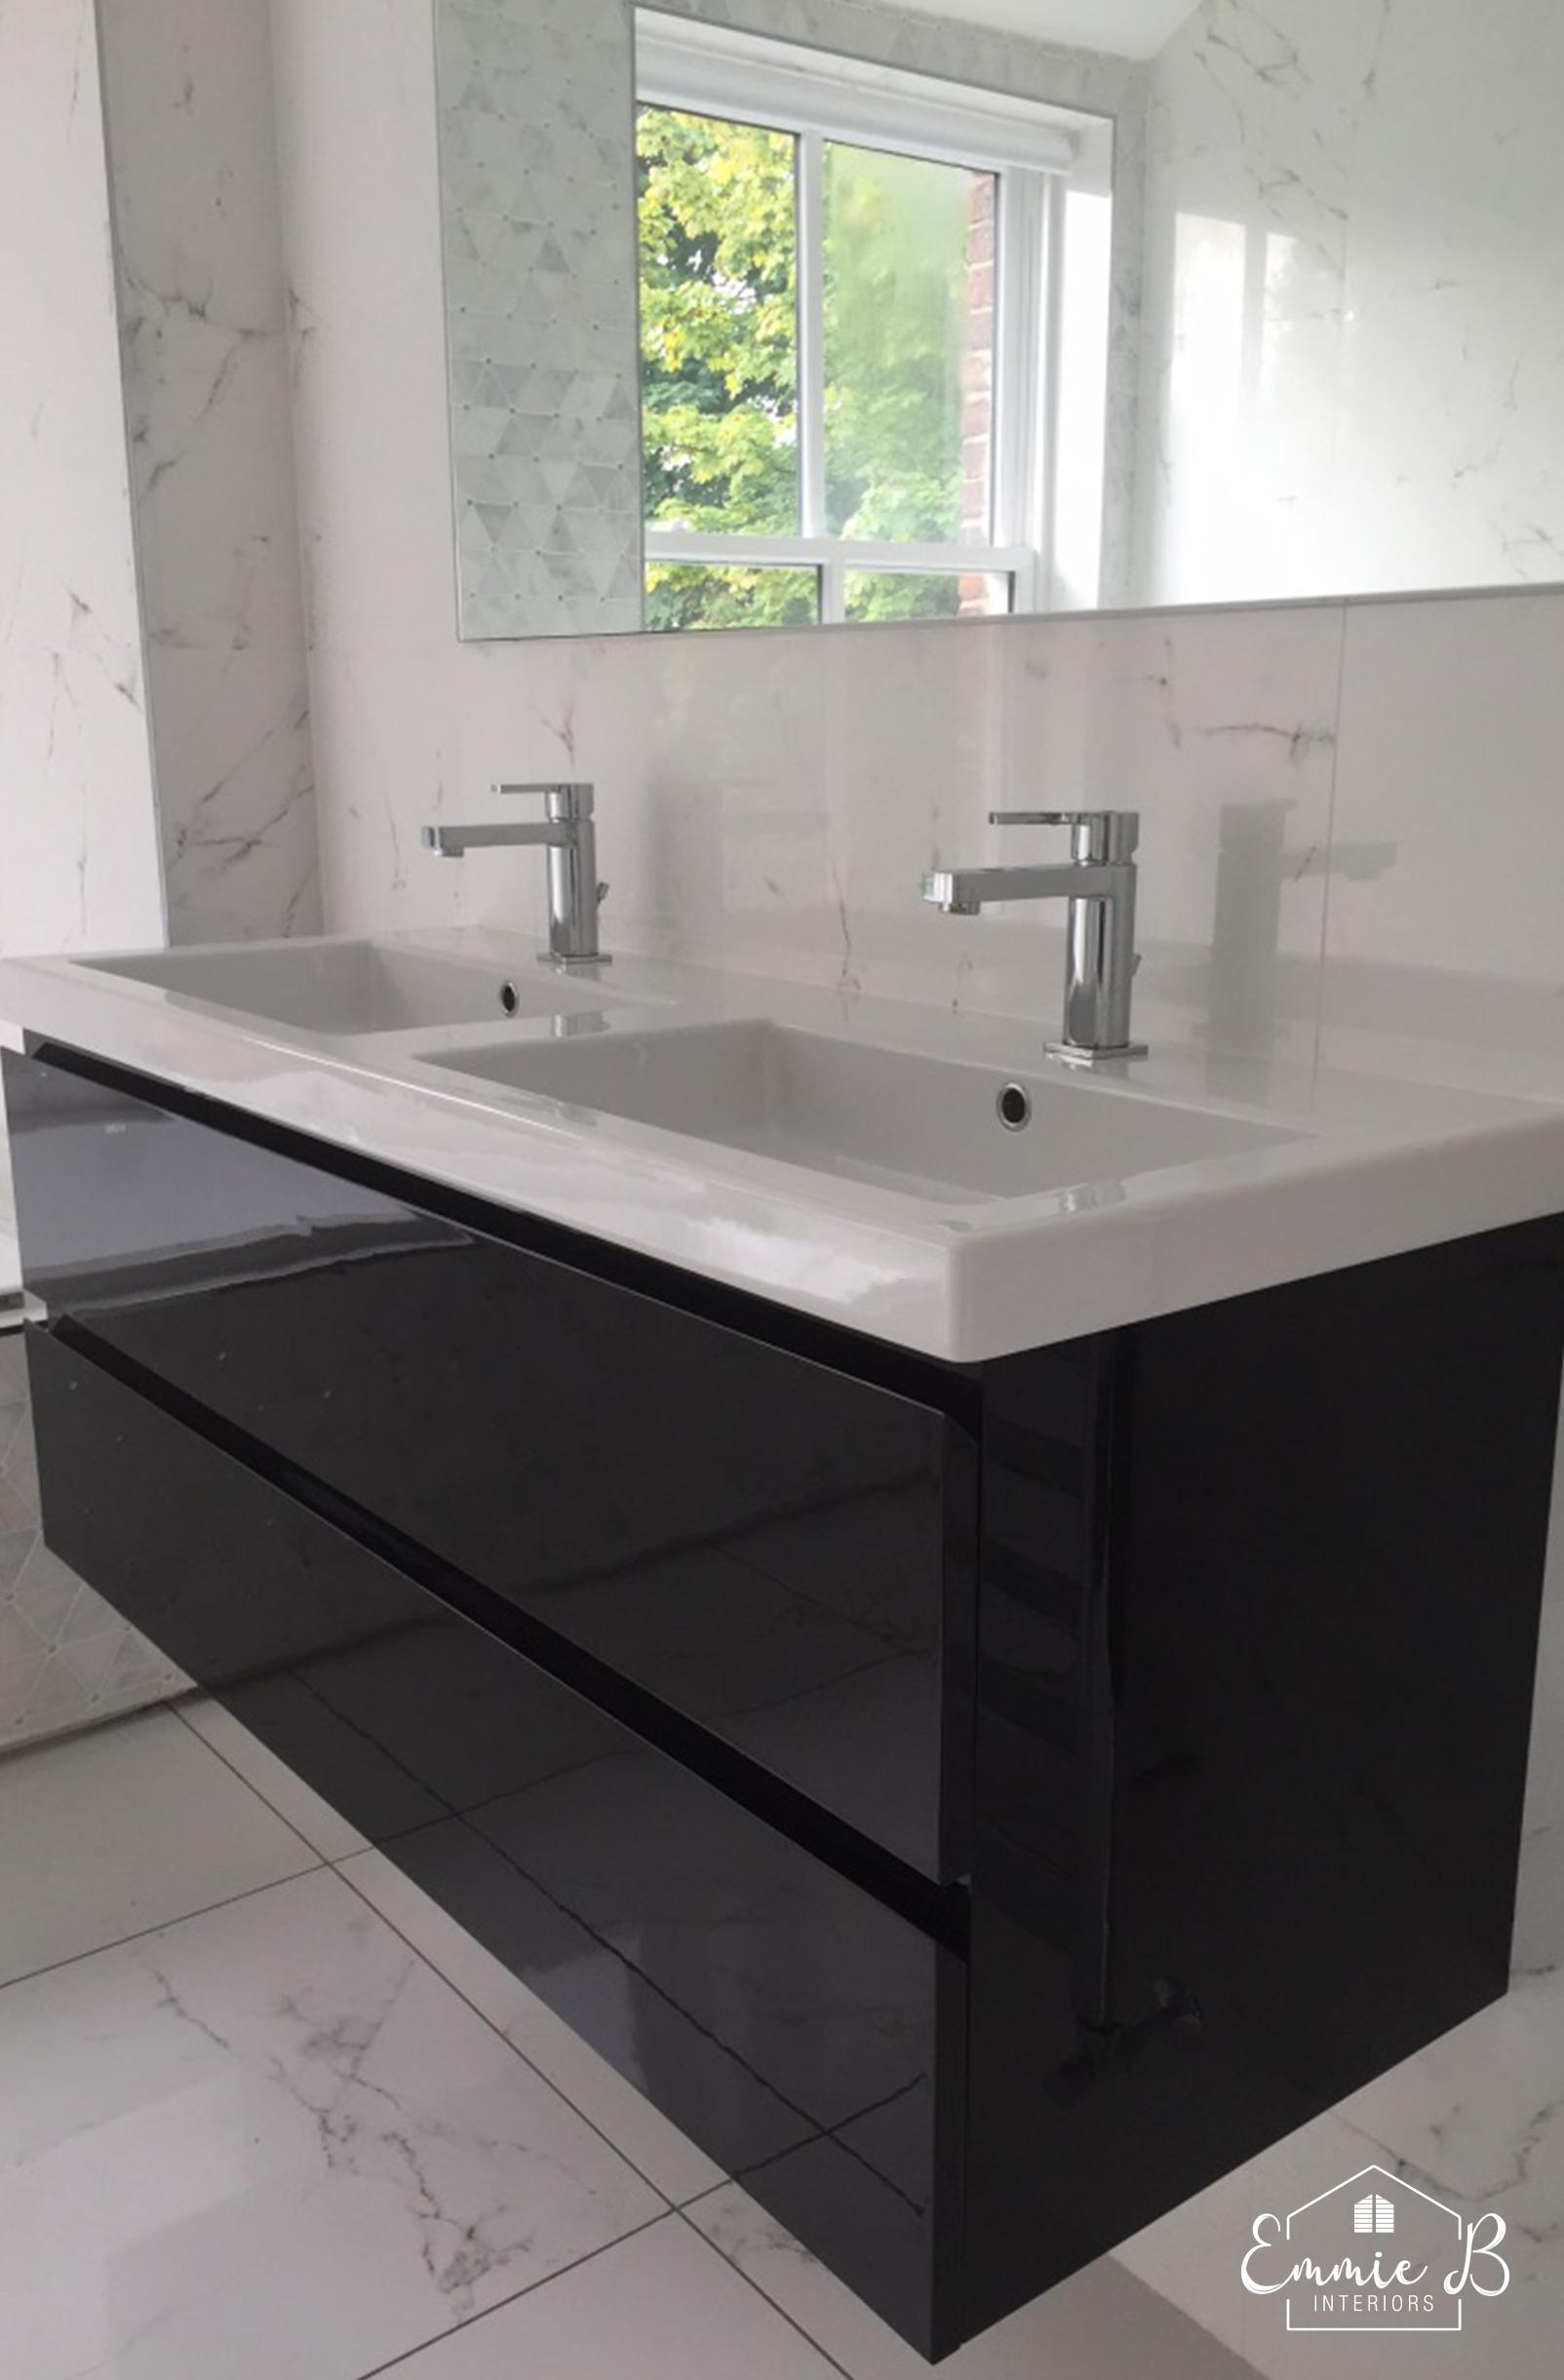 bathroom interior design cheshire